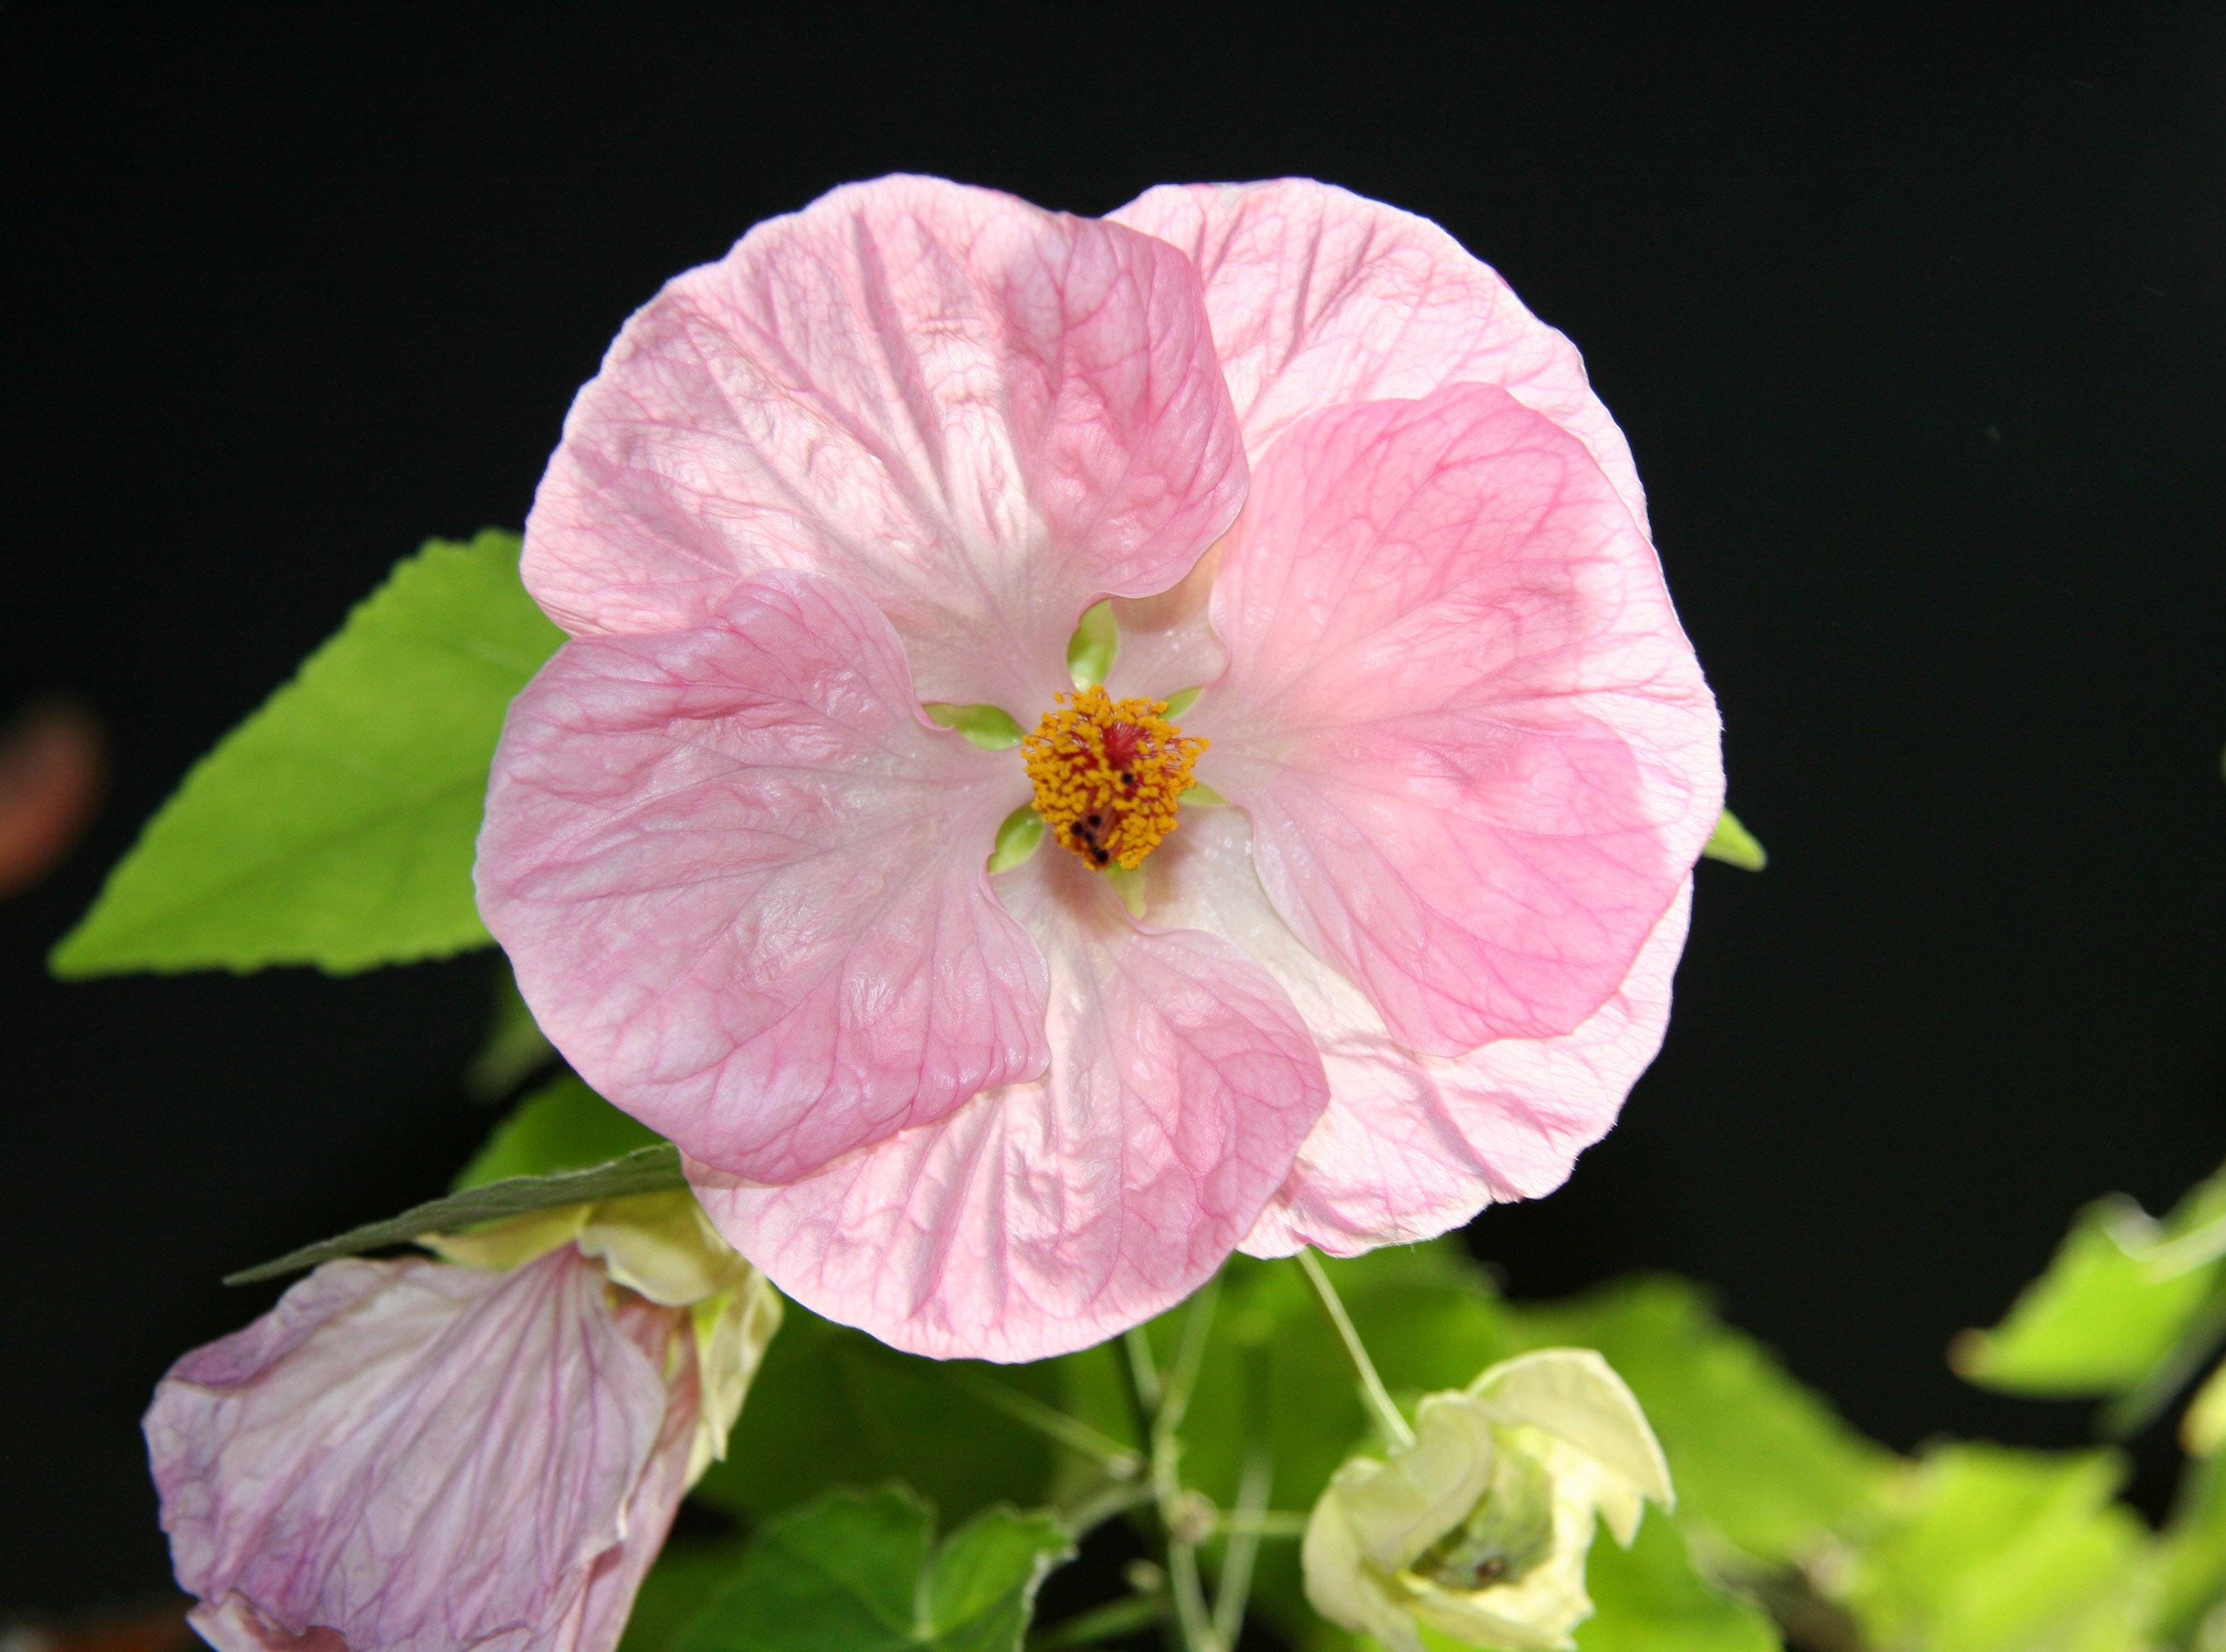 Abutilon Malva Or Flowering Maple Photo Hubert Steed Photos At